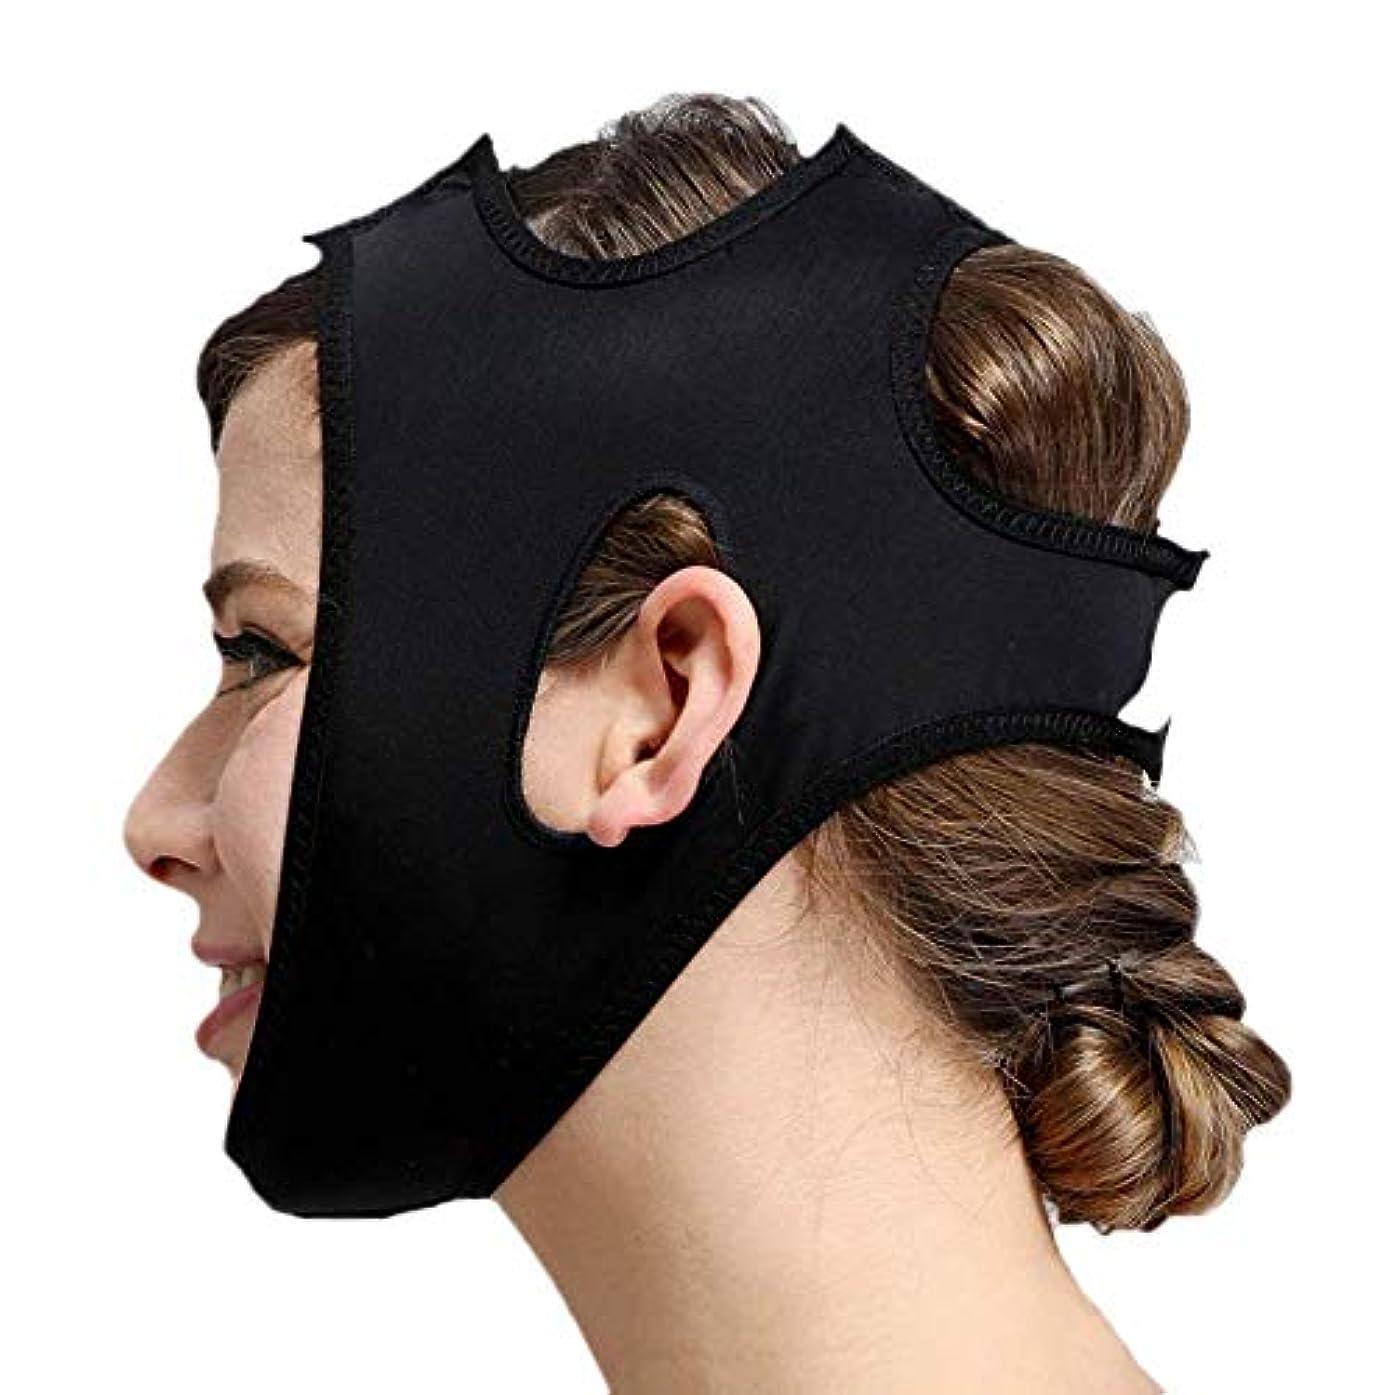 裏切り隣人スイフェイススリミングマスク、快適さと通気性、フェイシャルリフティング、輪郭の改善された硬さ、ファーミングとリフティングフェイス(カラー:ブラック、サイズ:XL),黒、S